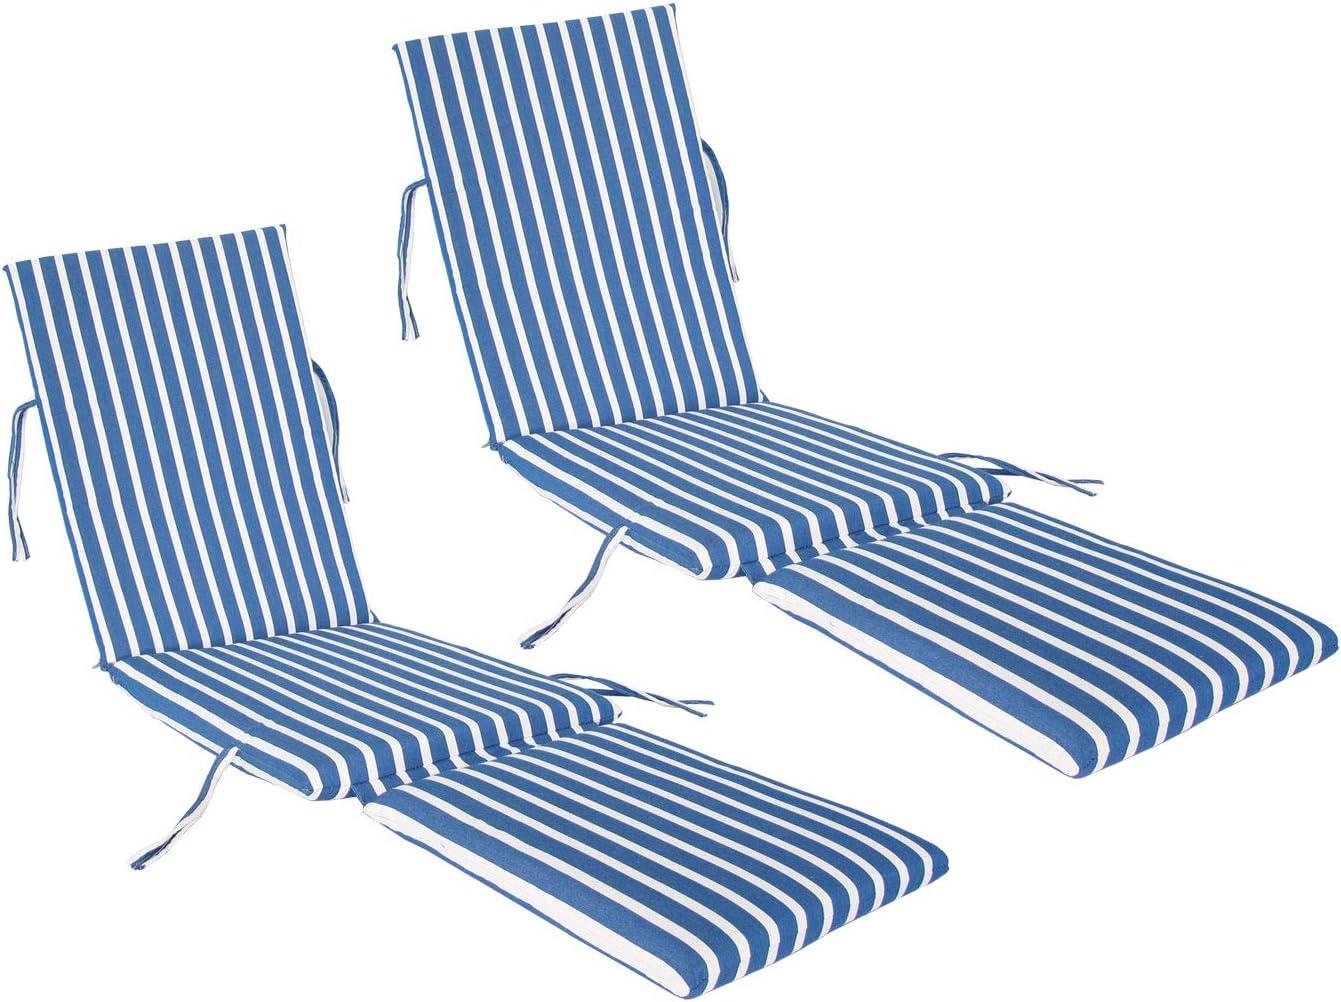 Best outdoor chair cushion: kingrattan.com Made